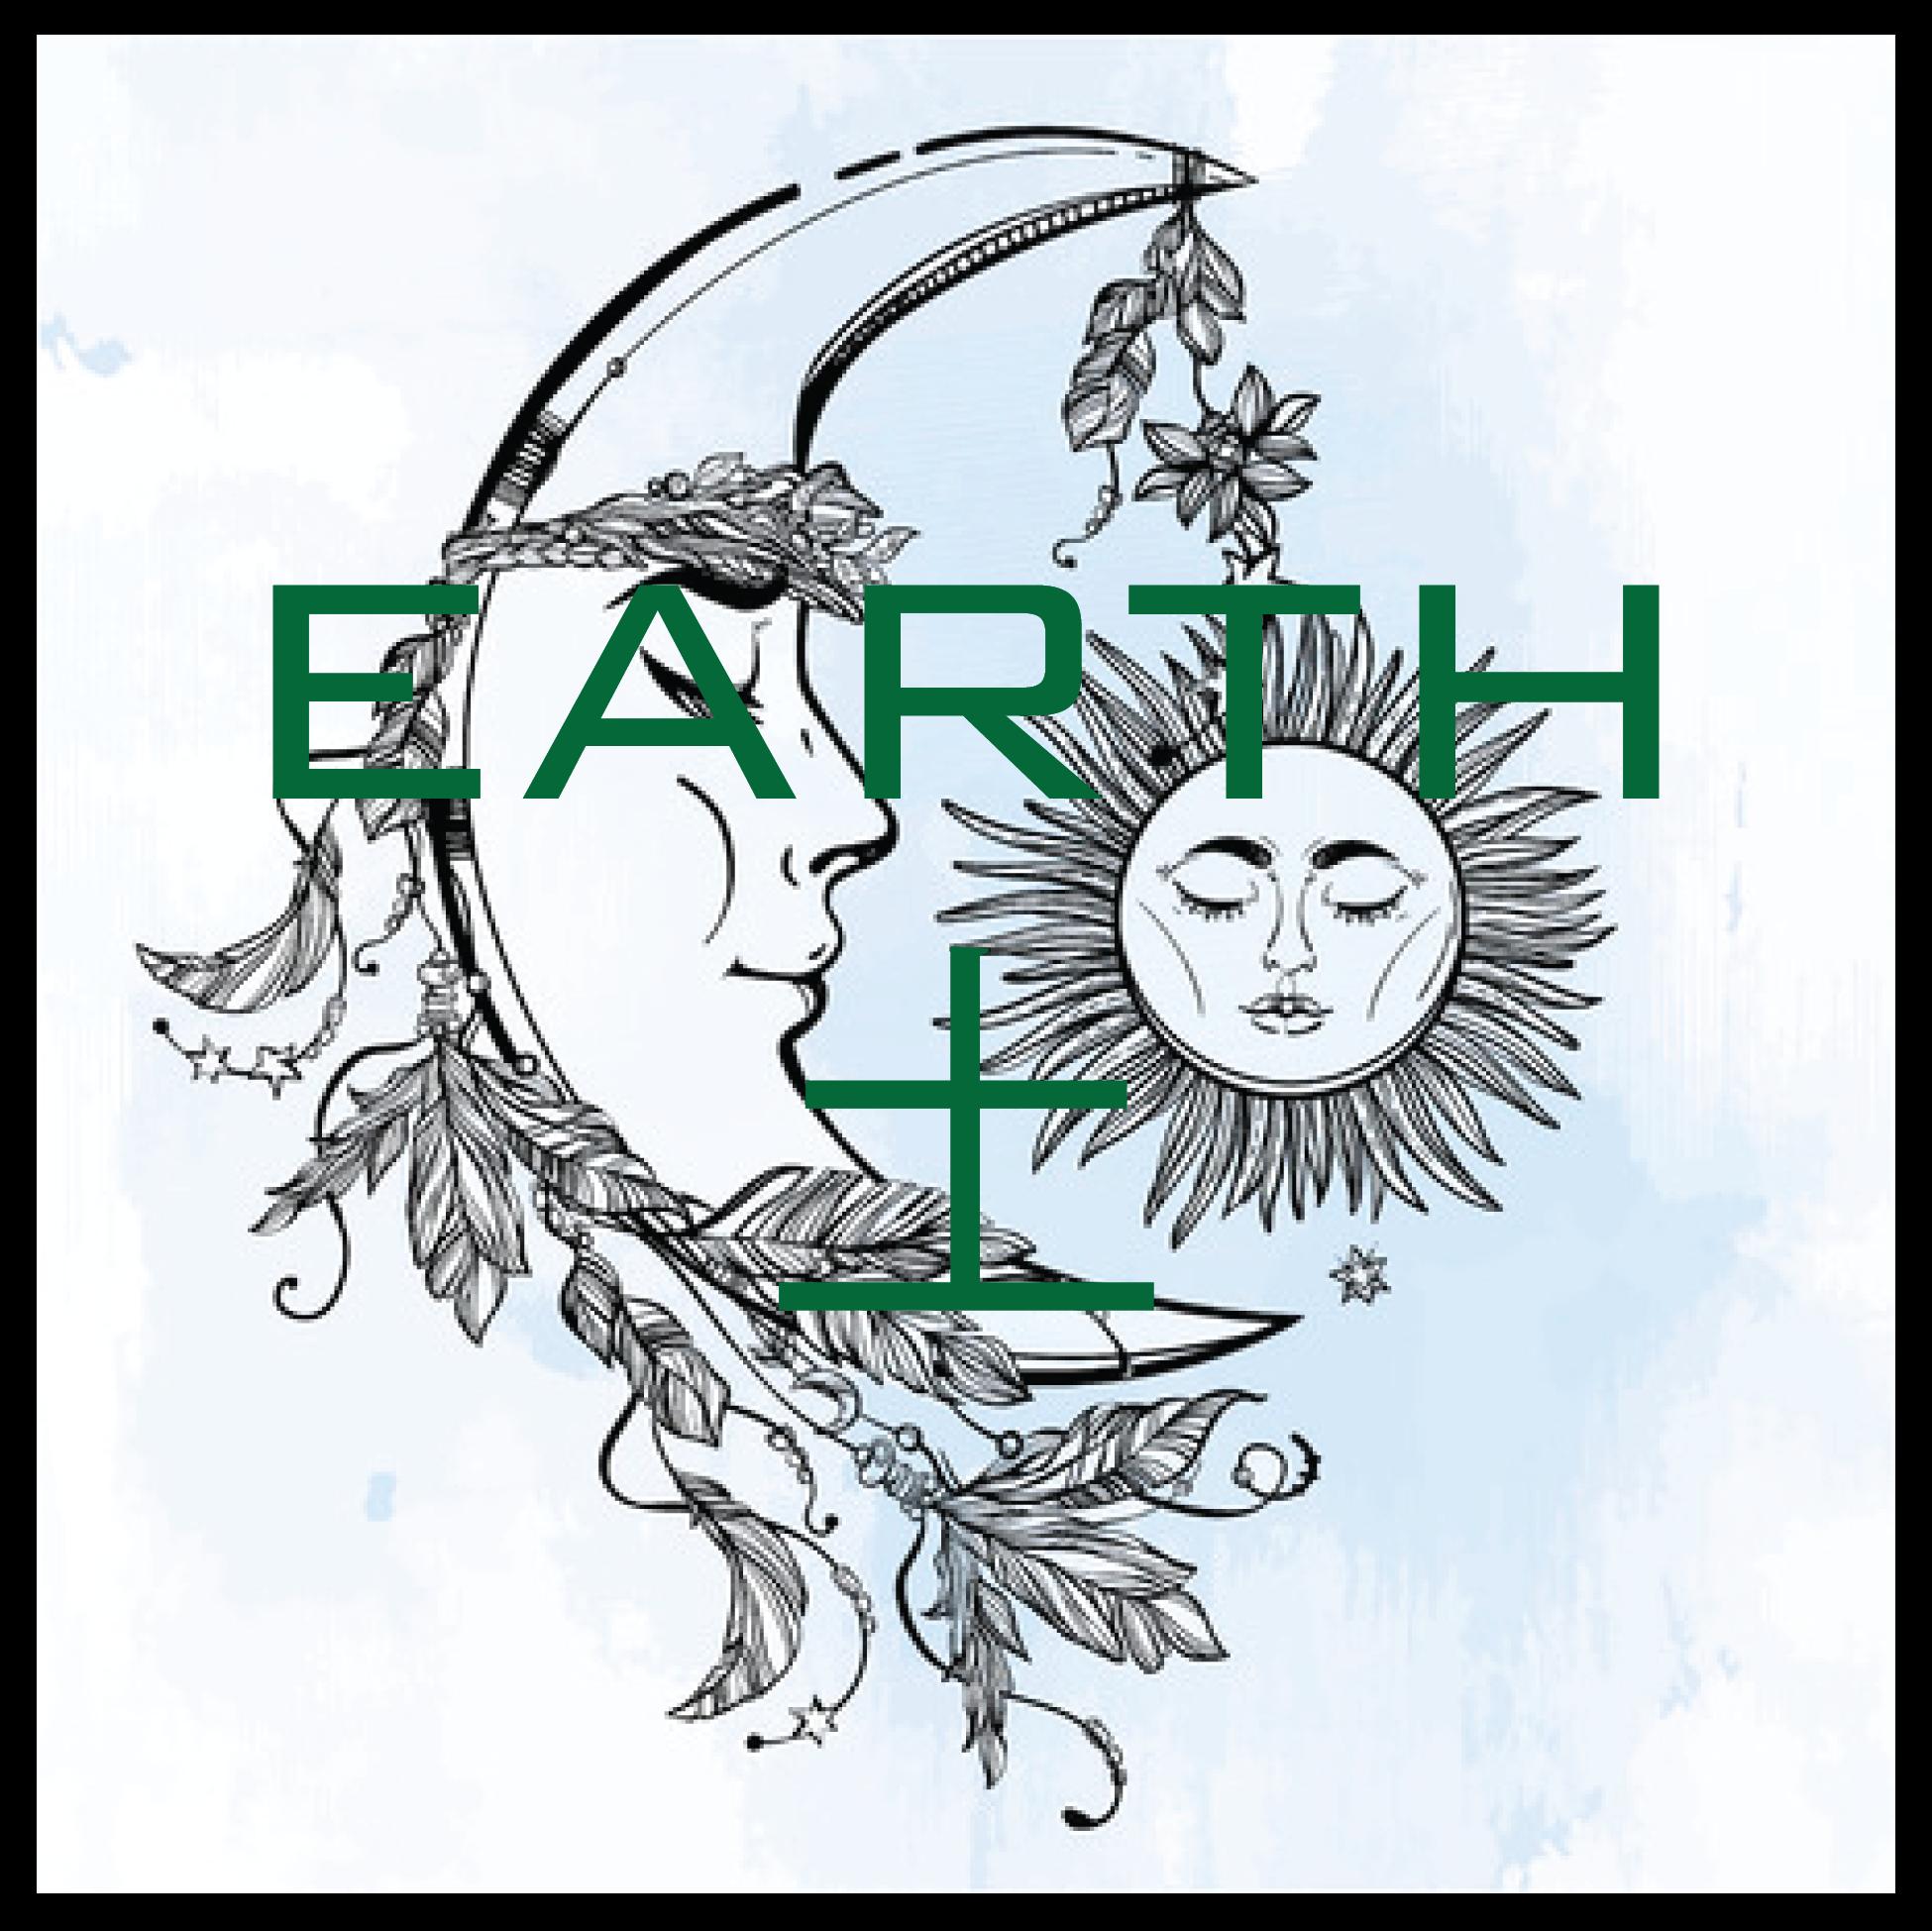 EARTH-09